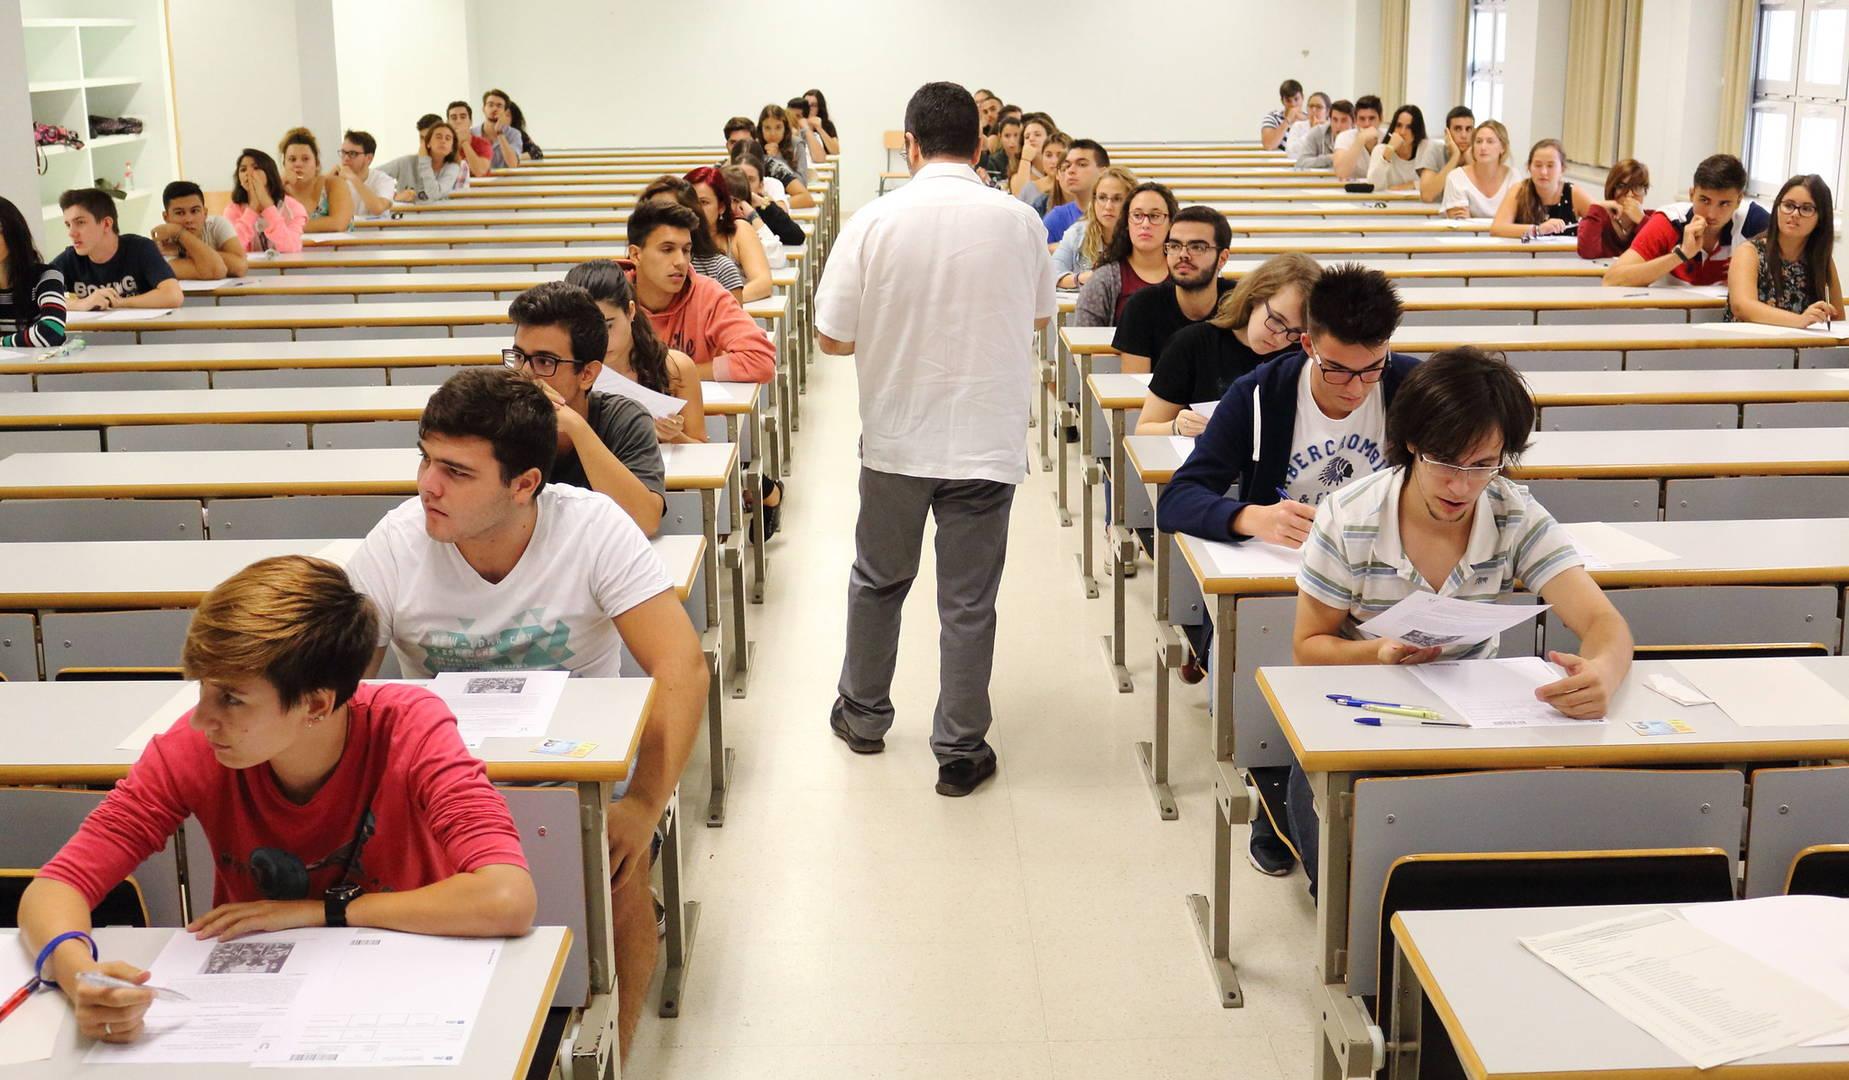 universidades-cierran-en-españa